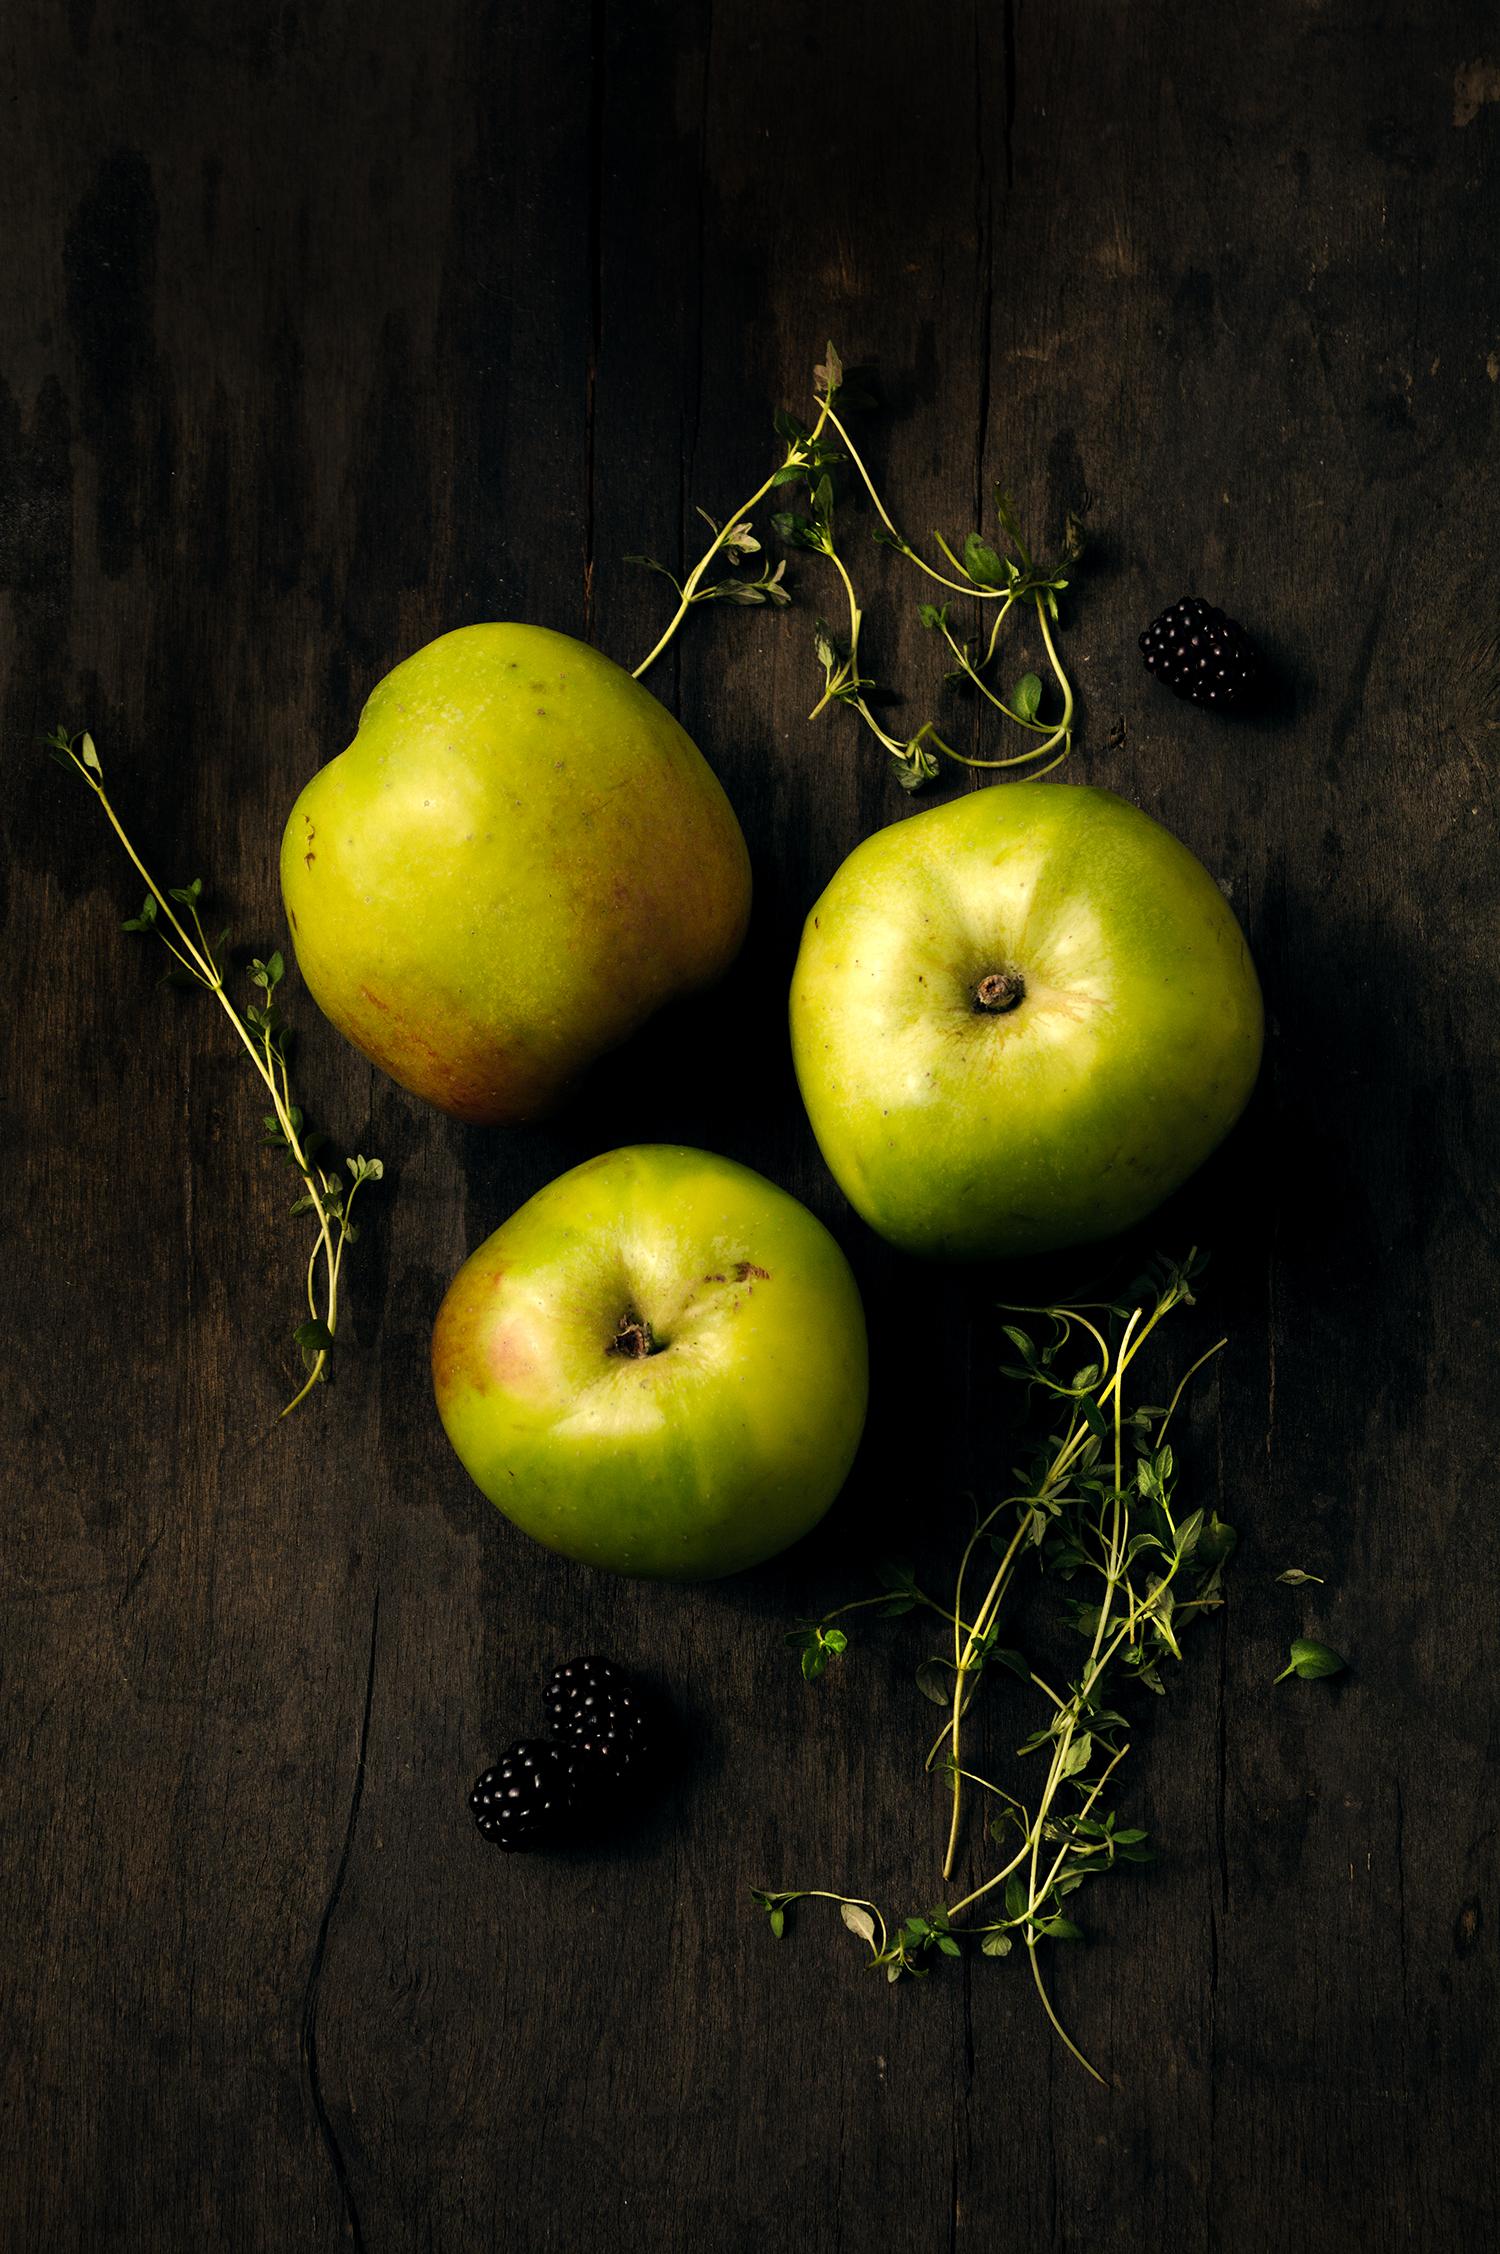 apple crumble ingredients.jpg